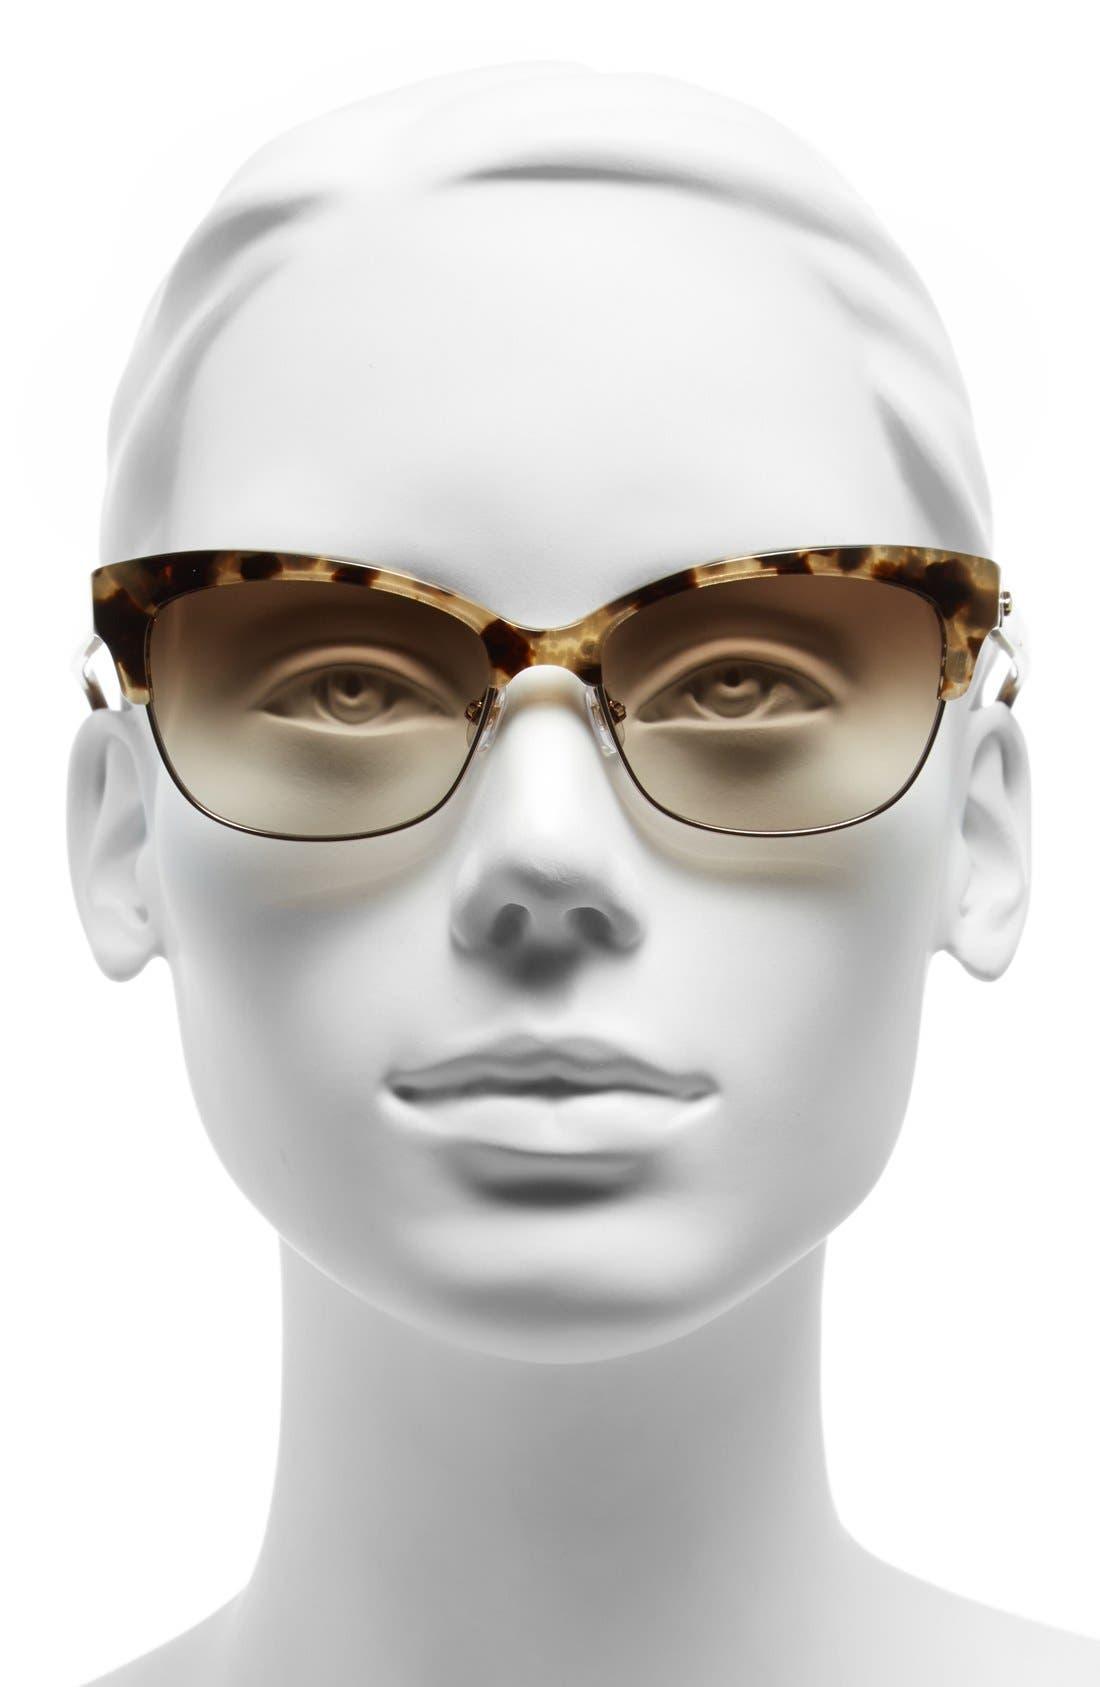 shira 55mm retro sunglasses,                             Alternate thumbnail 2, color,                             Camel Tortoise